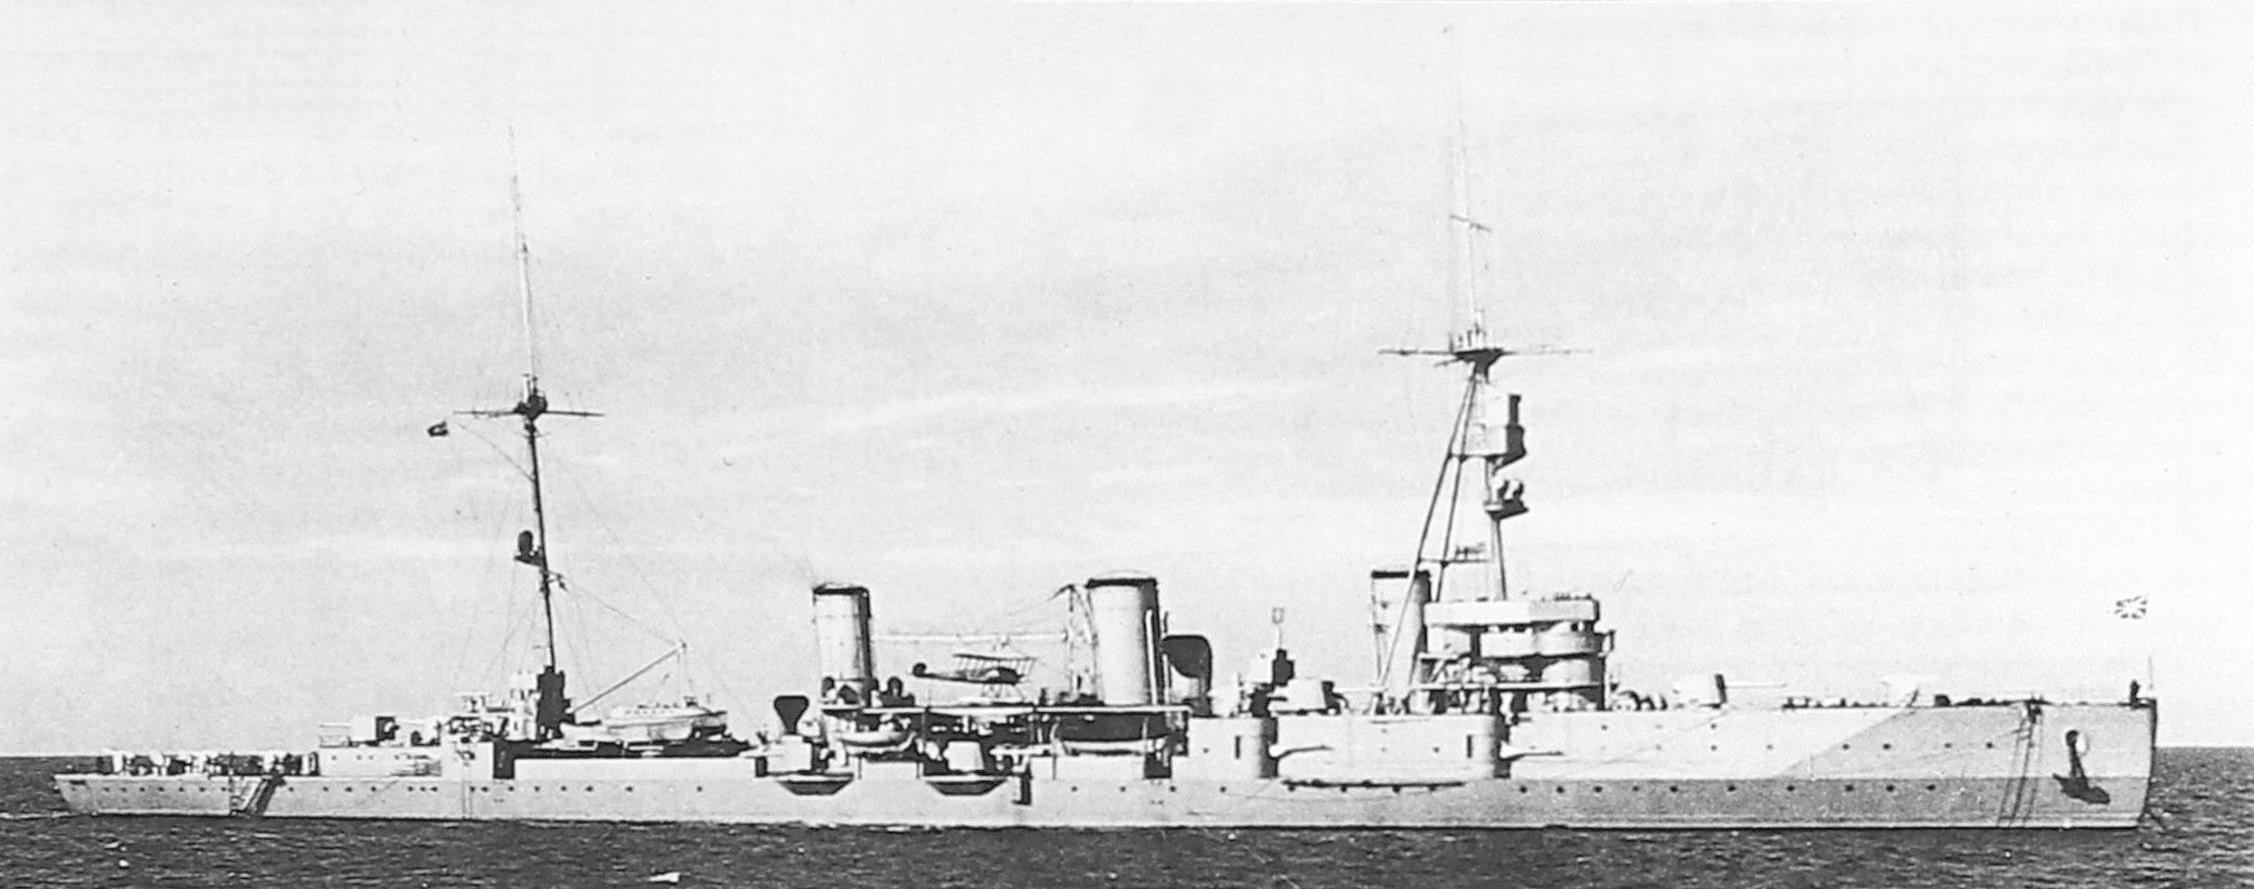 Крейсер «Червона Украина» в море, на палубе виден МУ-1 в роли корабельного радведчика